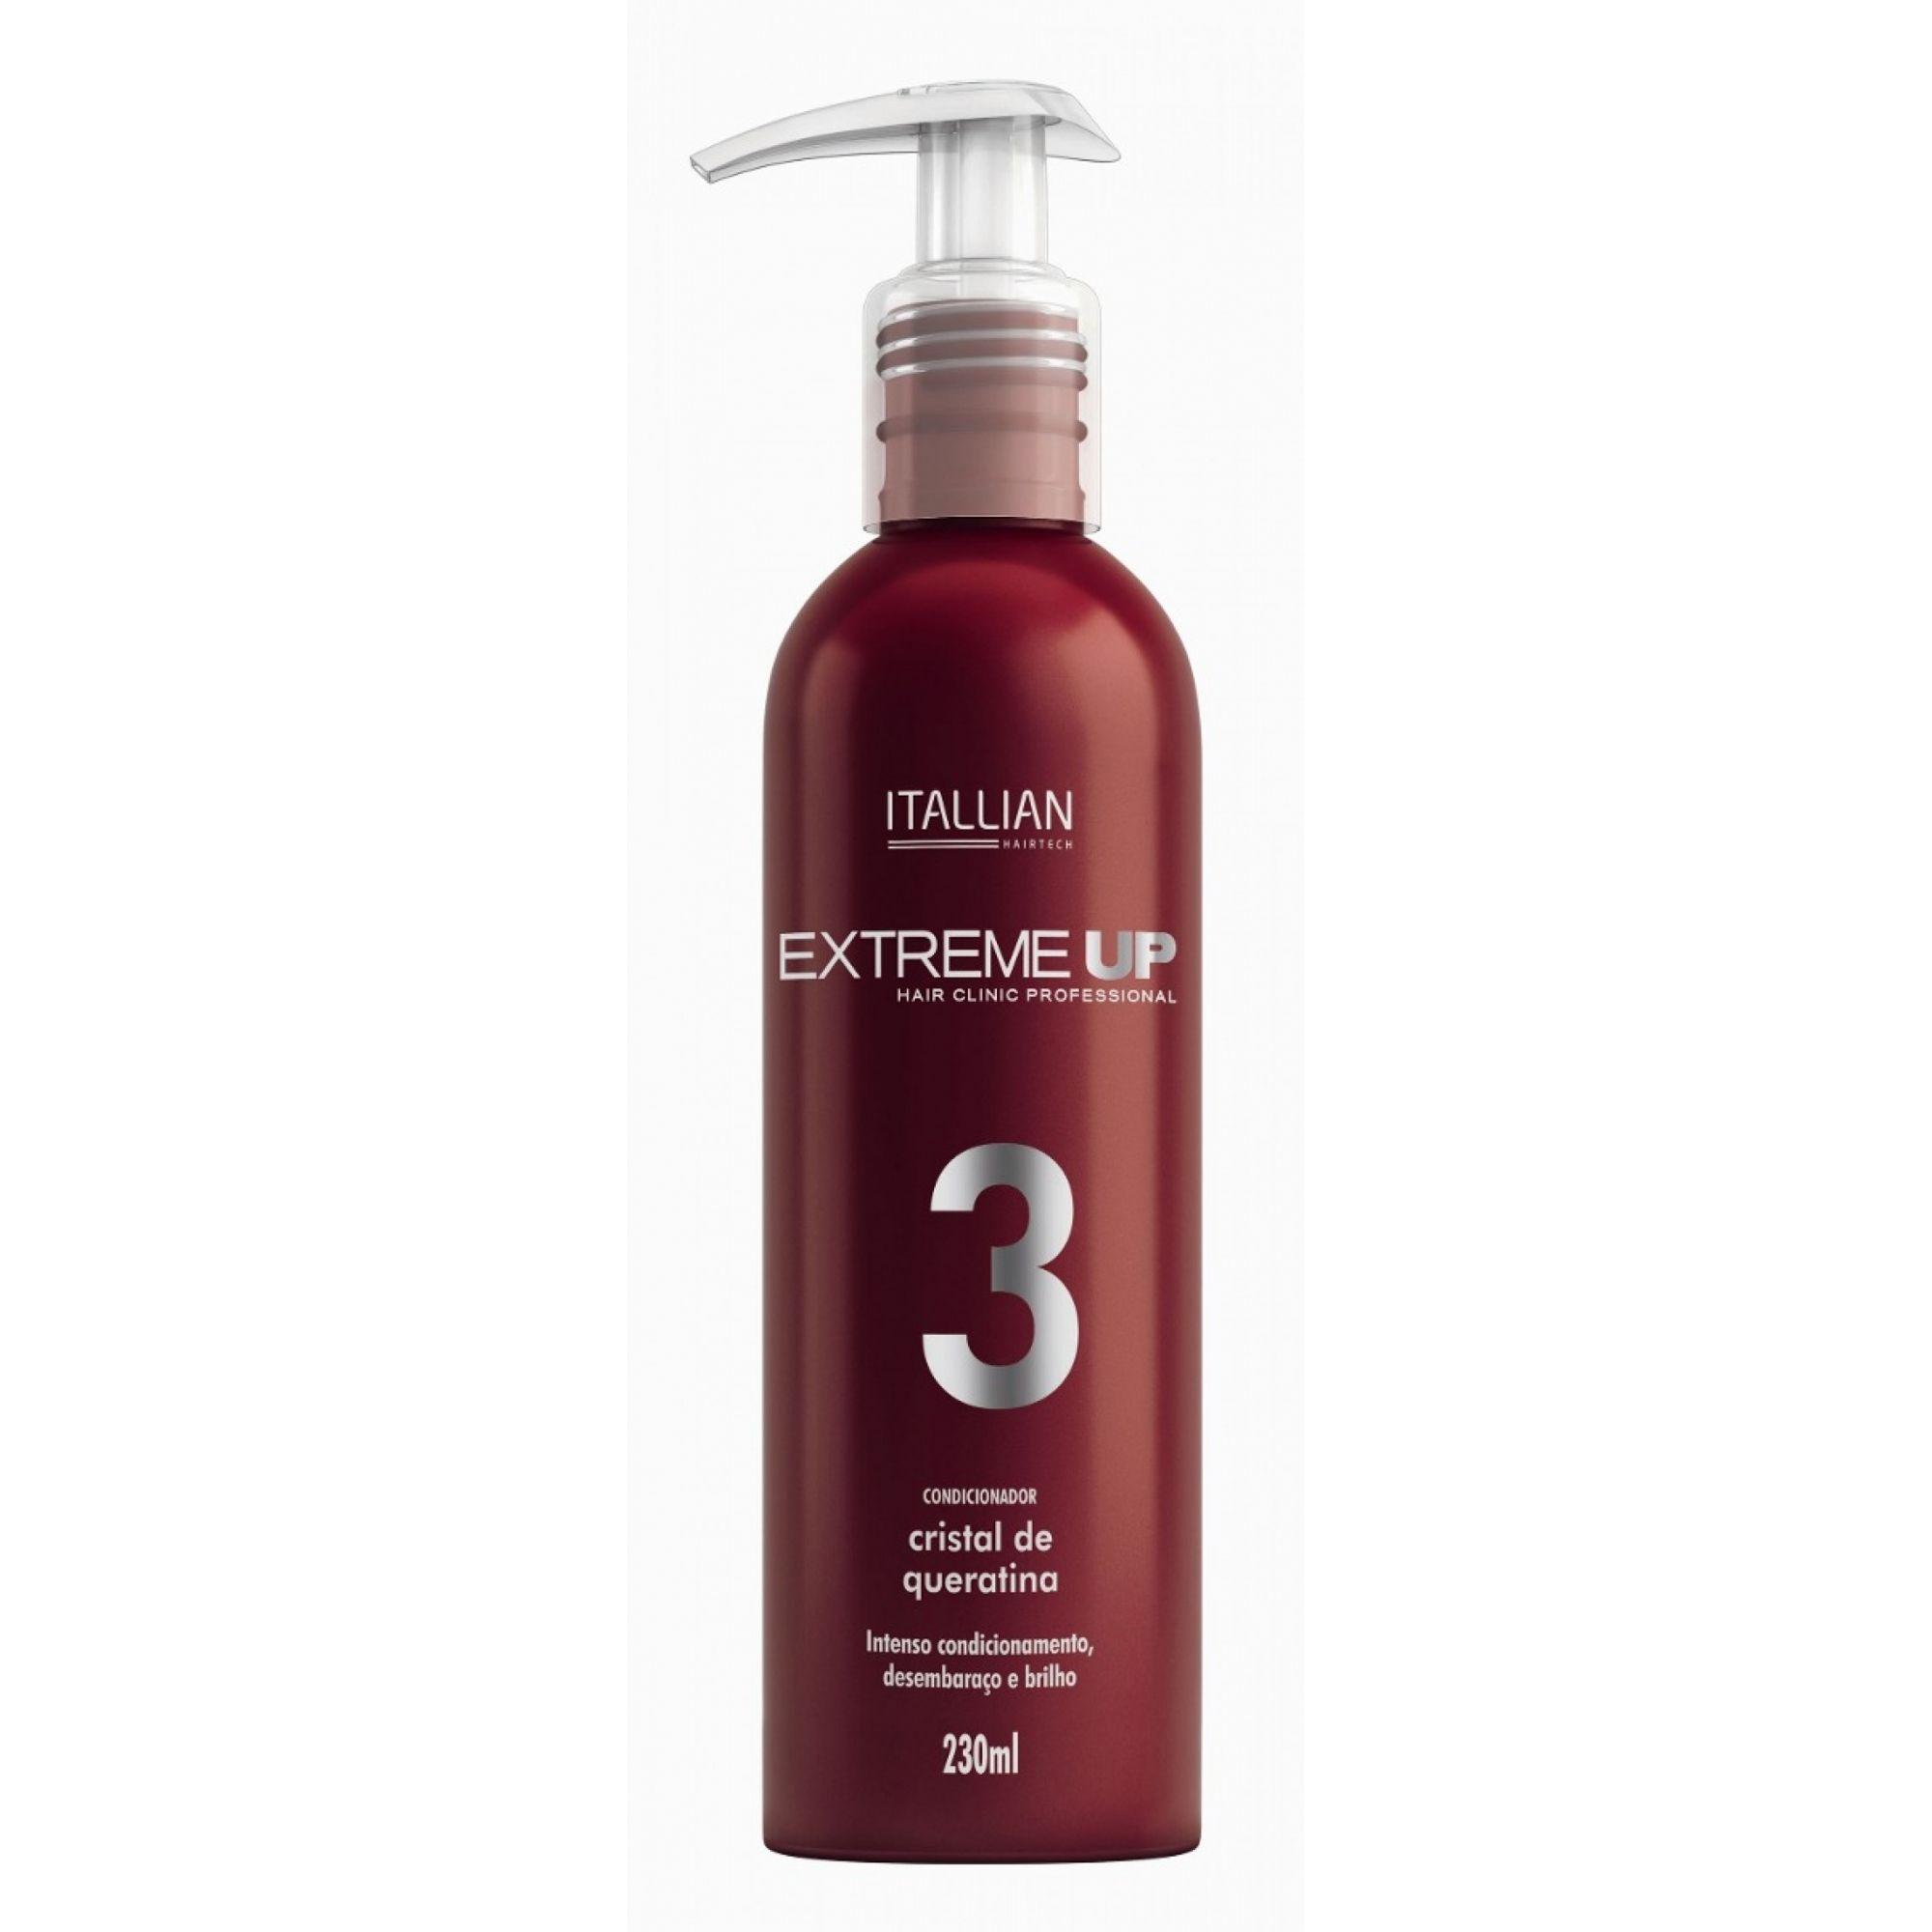 Cristal De Queratina N.3 Extreme - Up 230ml